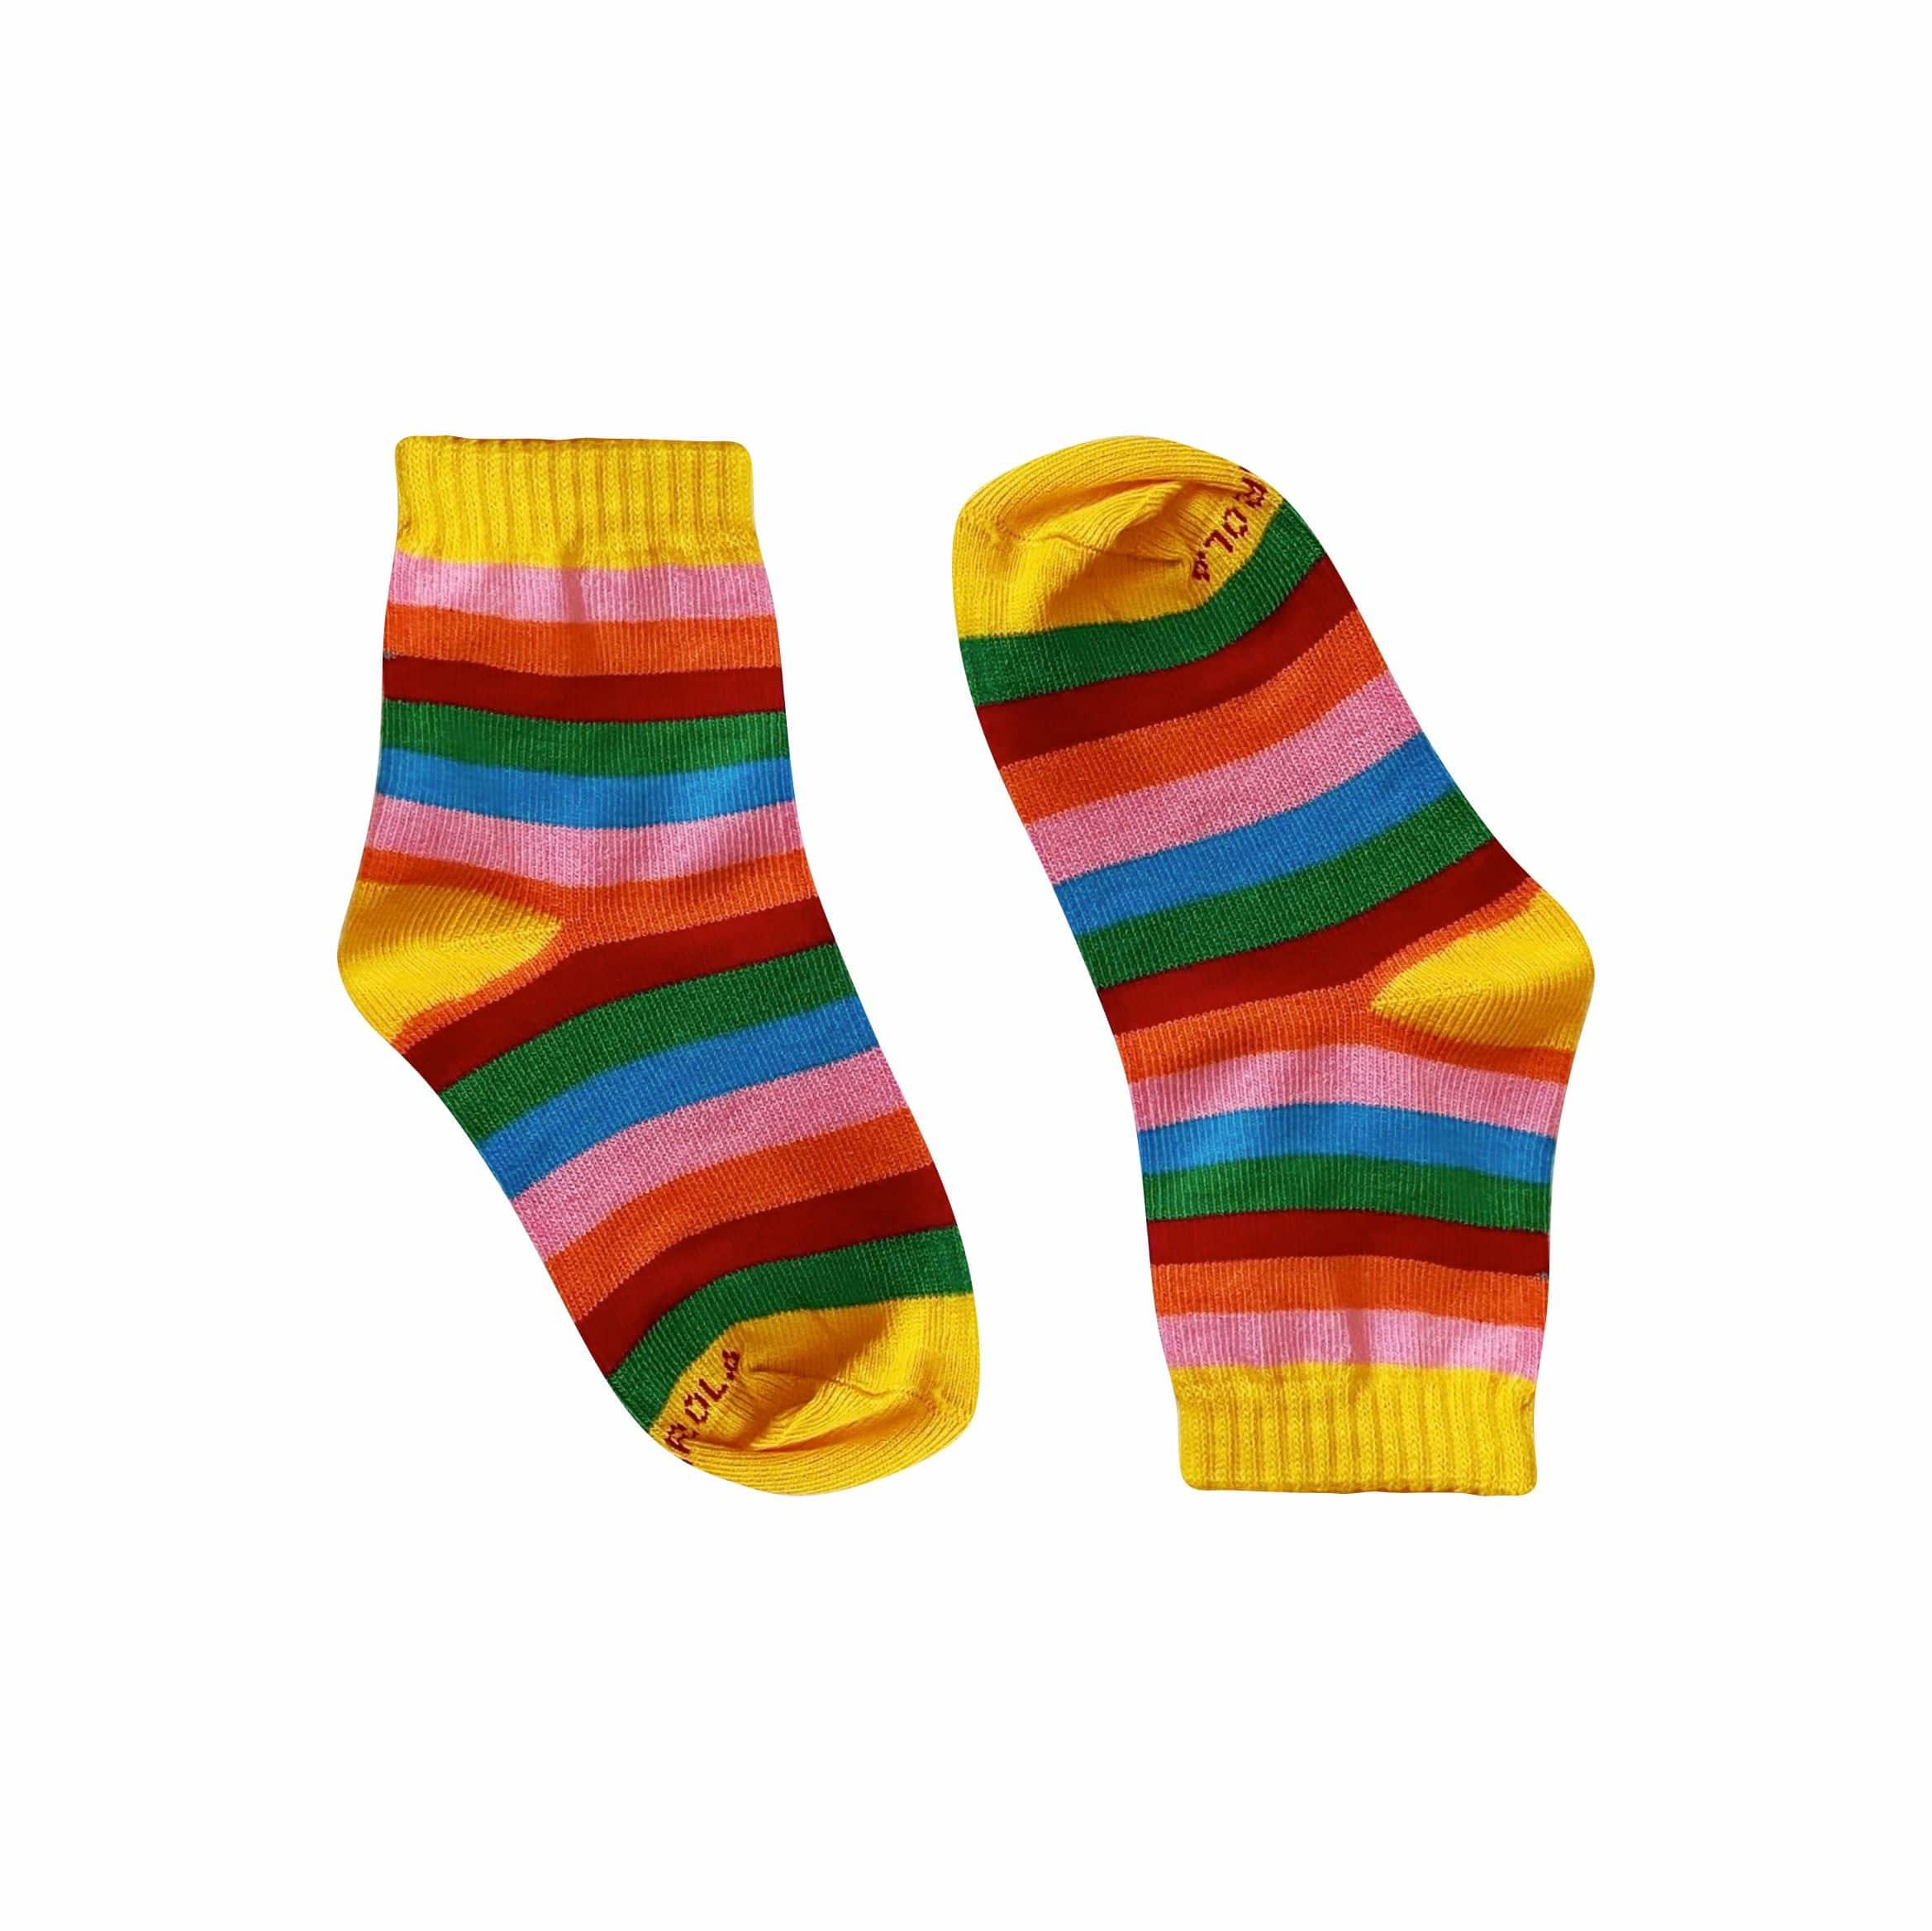 meia-soquete-arco-iris-retro-tam-30-a-34-cantarola